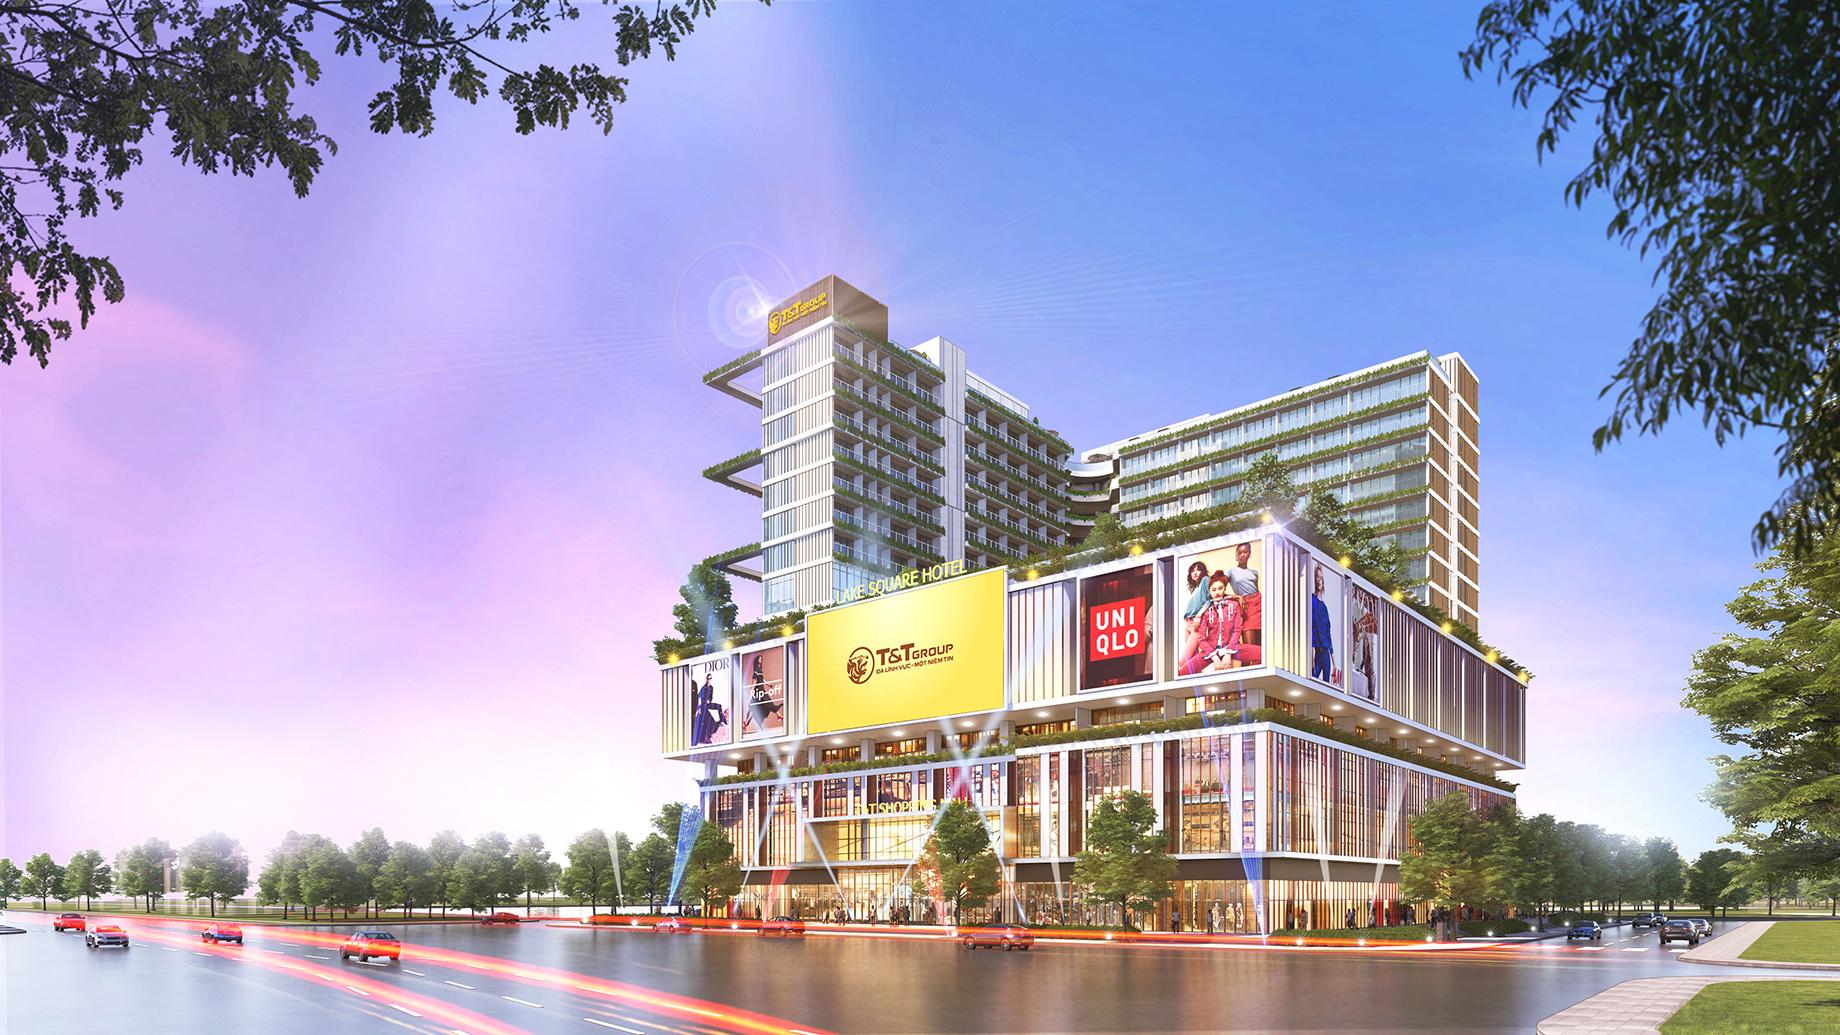 T&T Group khởi công xây dựng Trung tâm thương mại tại trung tâm thành phố Hải Dương  - ảnh 1